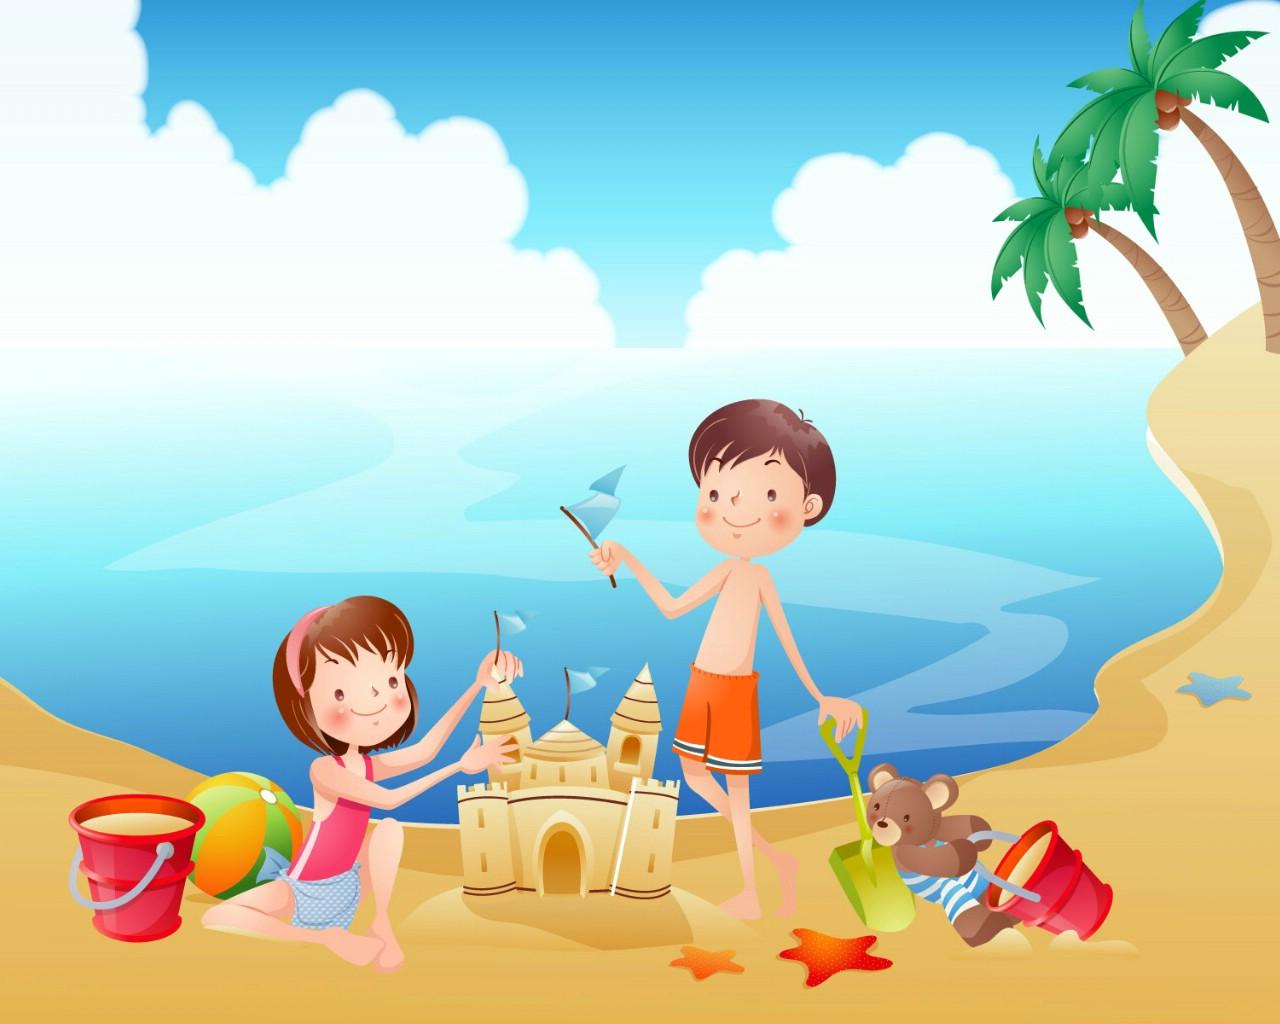 壁纸1280×1024快乐暑假 2 8壁纸,快乐暑假壁纸图片-矢量